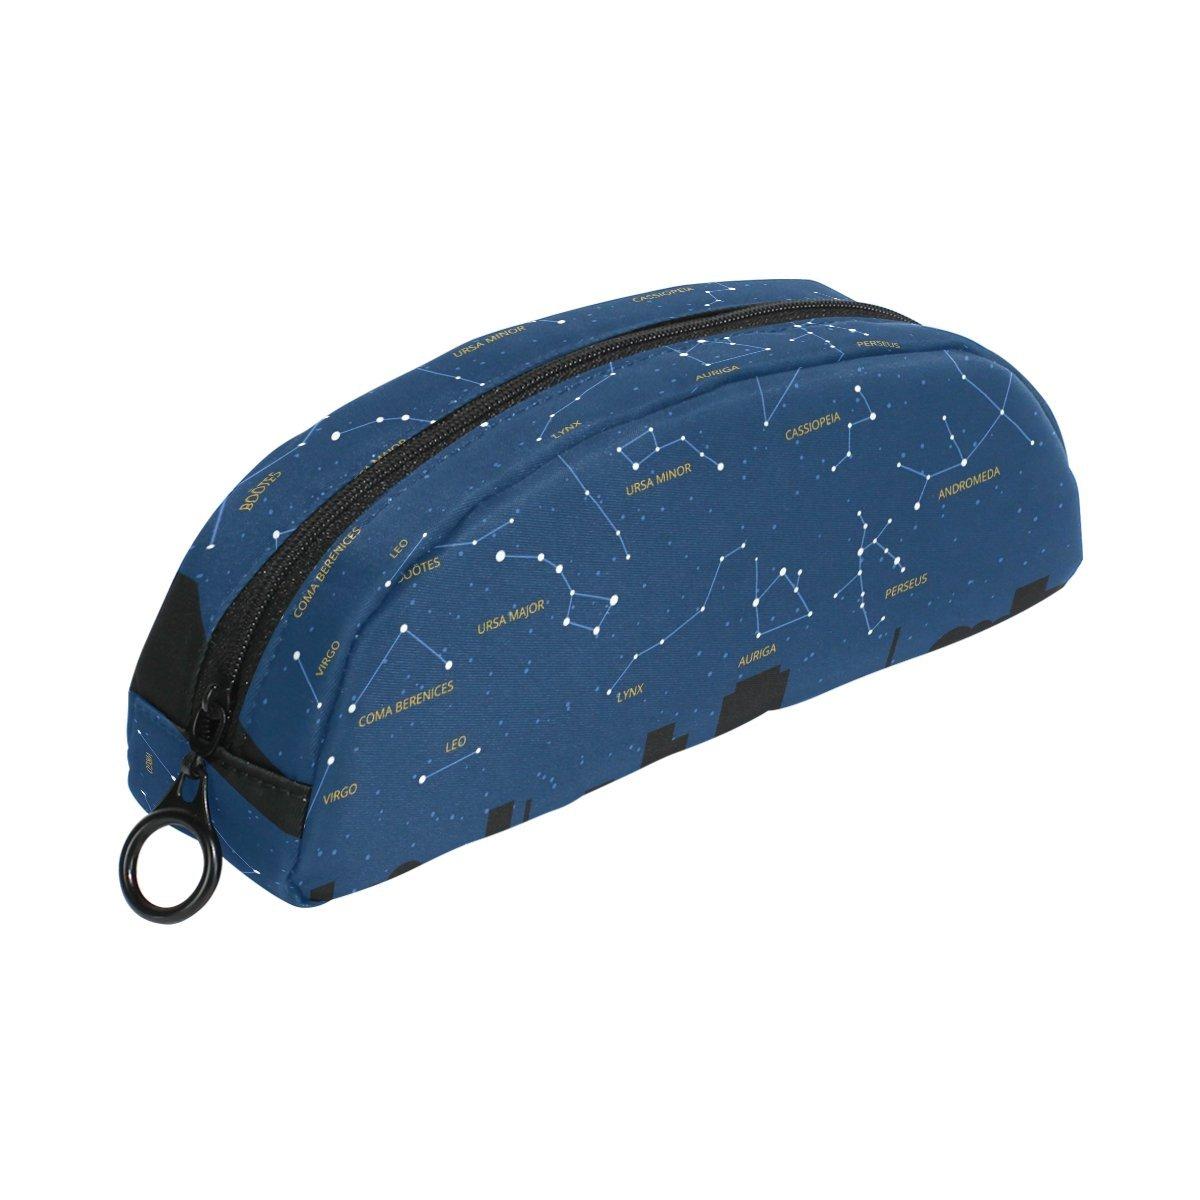 COOSUN - Estuche para lápices con diseño de mapa de cielo con constelaciones del zodiaco, semicircular, bolígrafo, bolso, estuche para maquillaje, neceser para mujer y niña: Amazon.es: Oficina y papelería